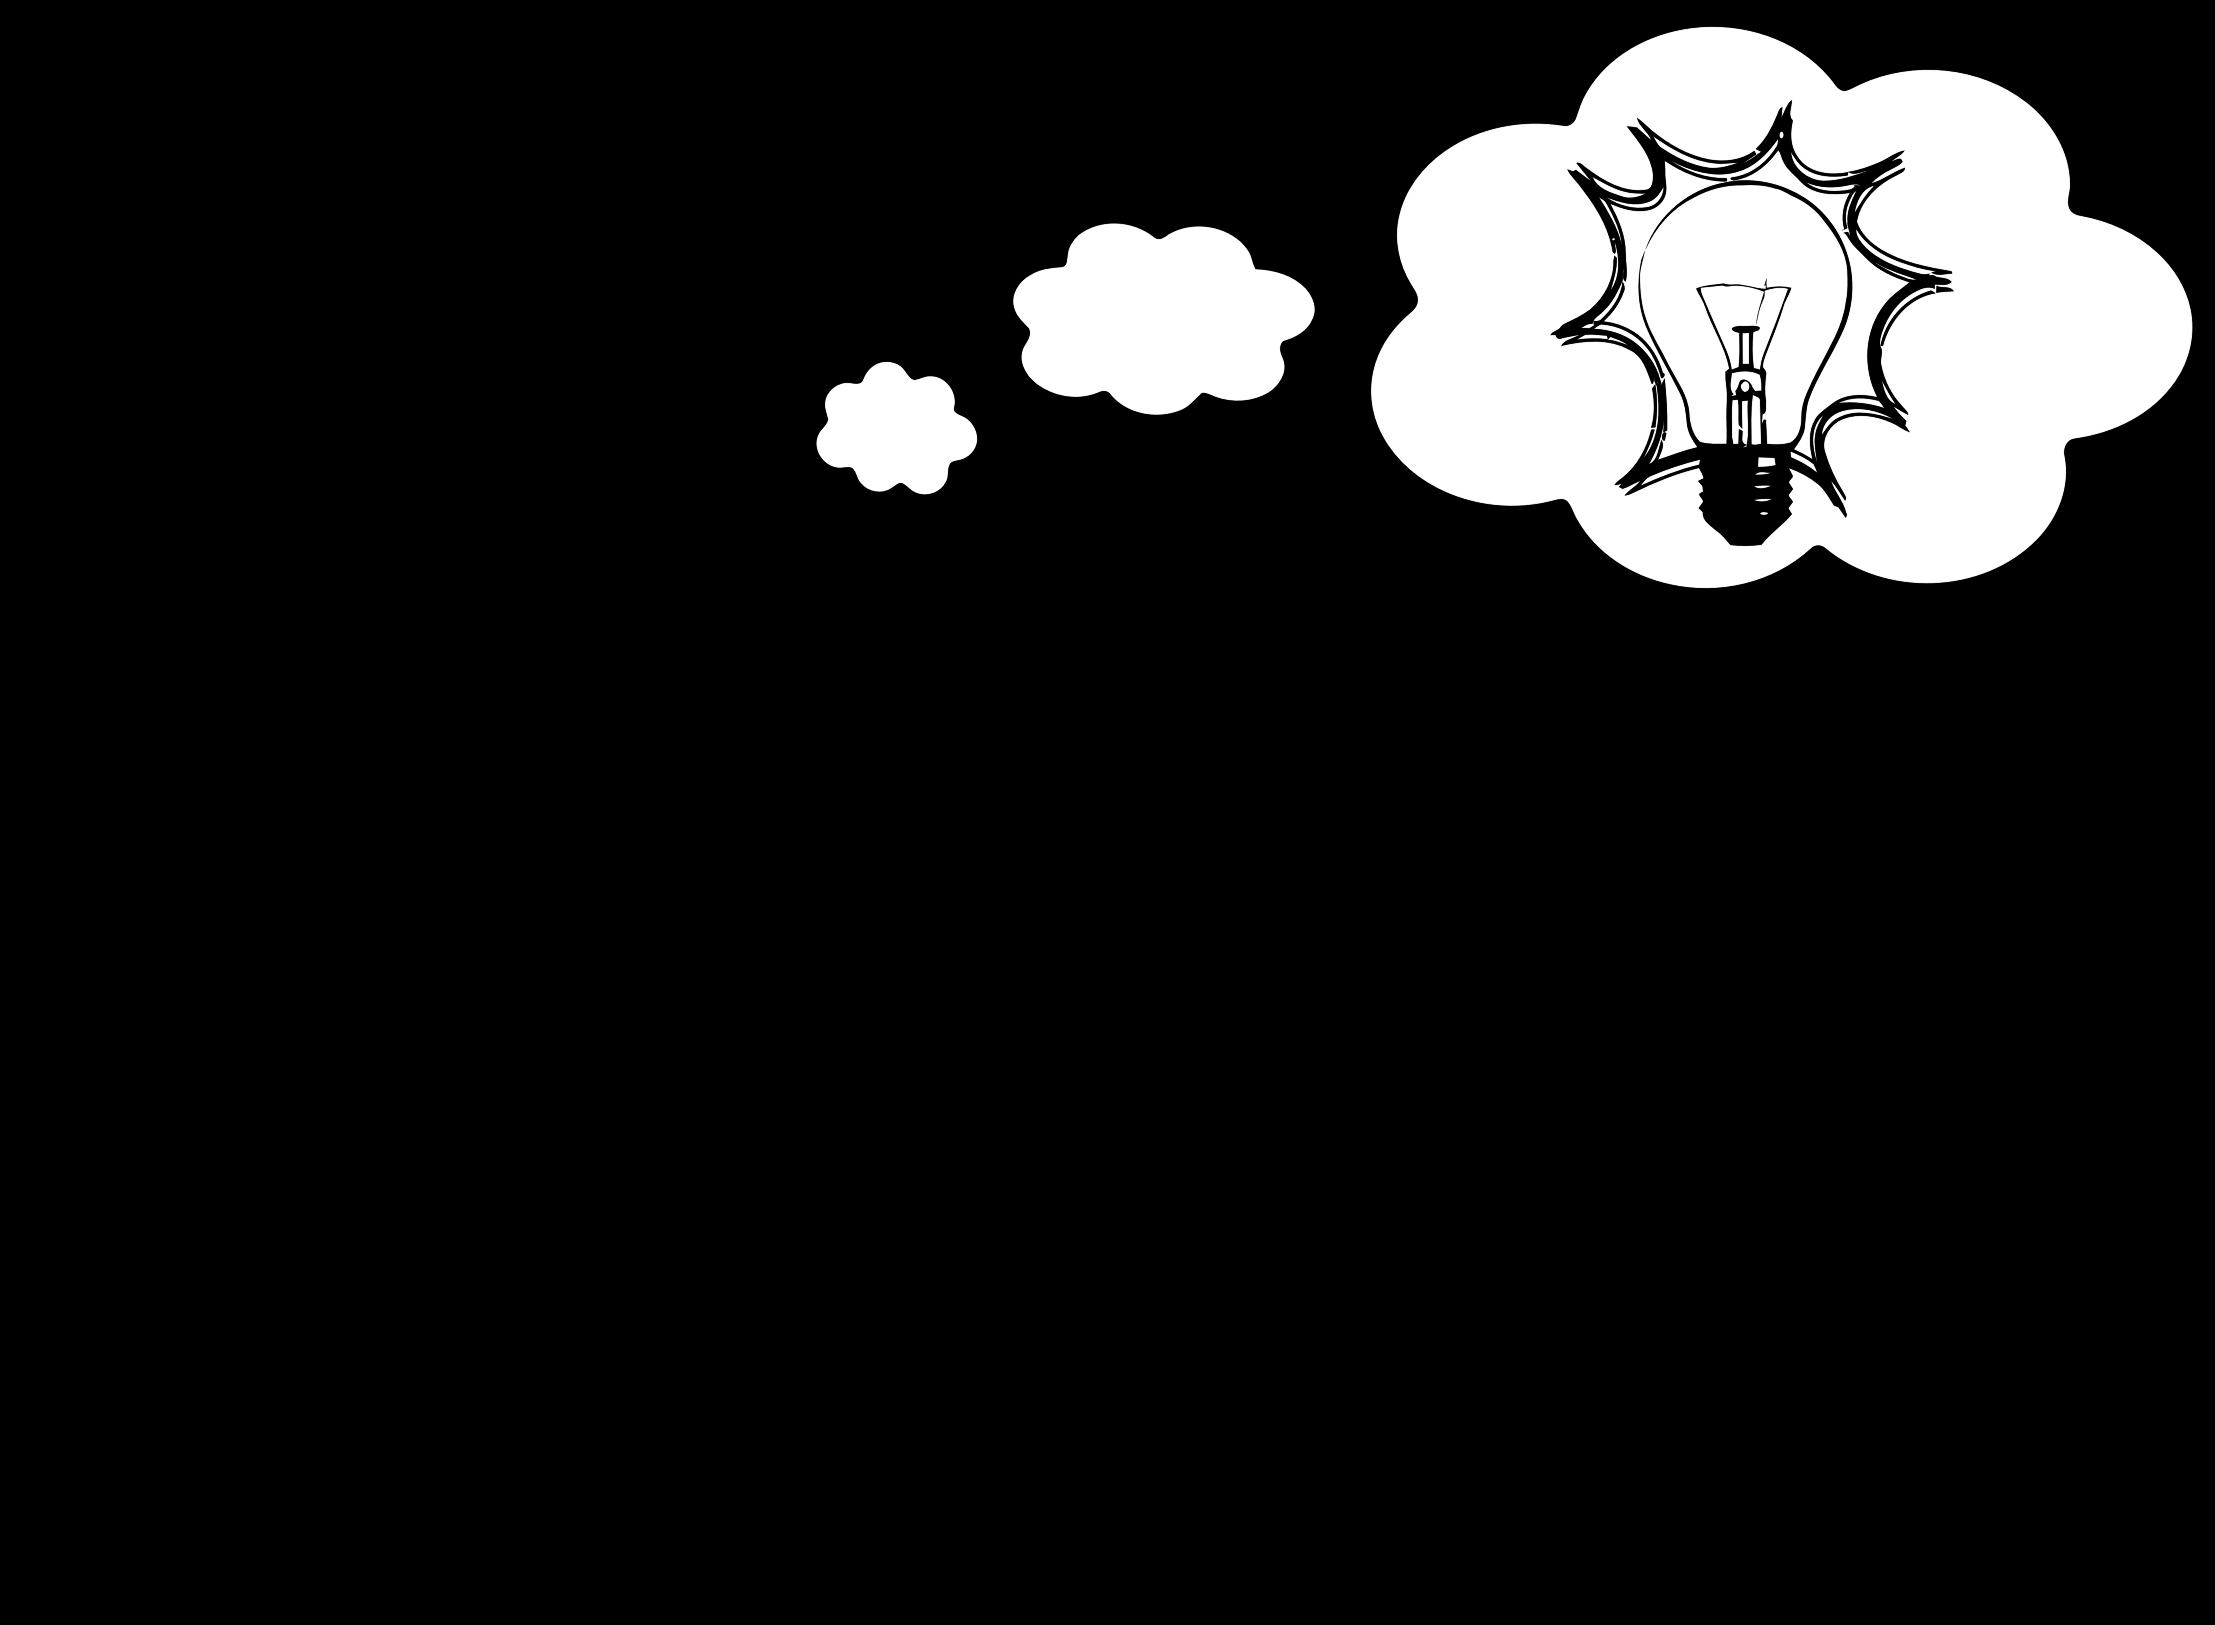 Bright clipart bright idea Clipart Idea Idea Bright Bright